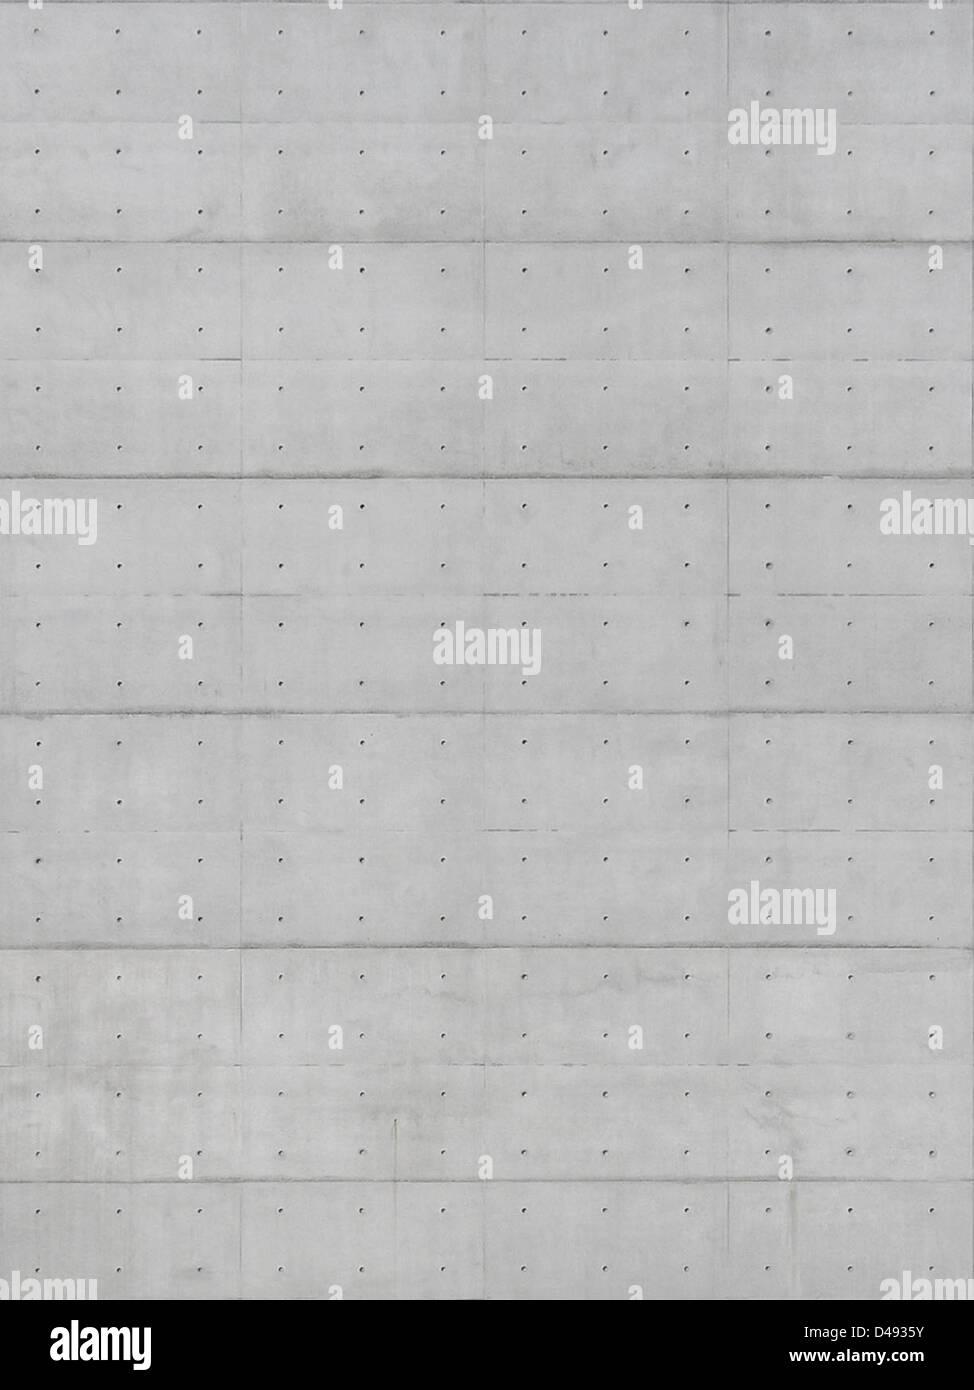 how to make tadao ando concrete